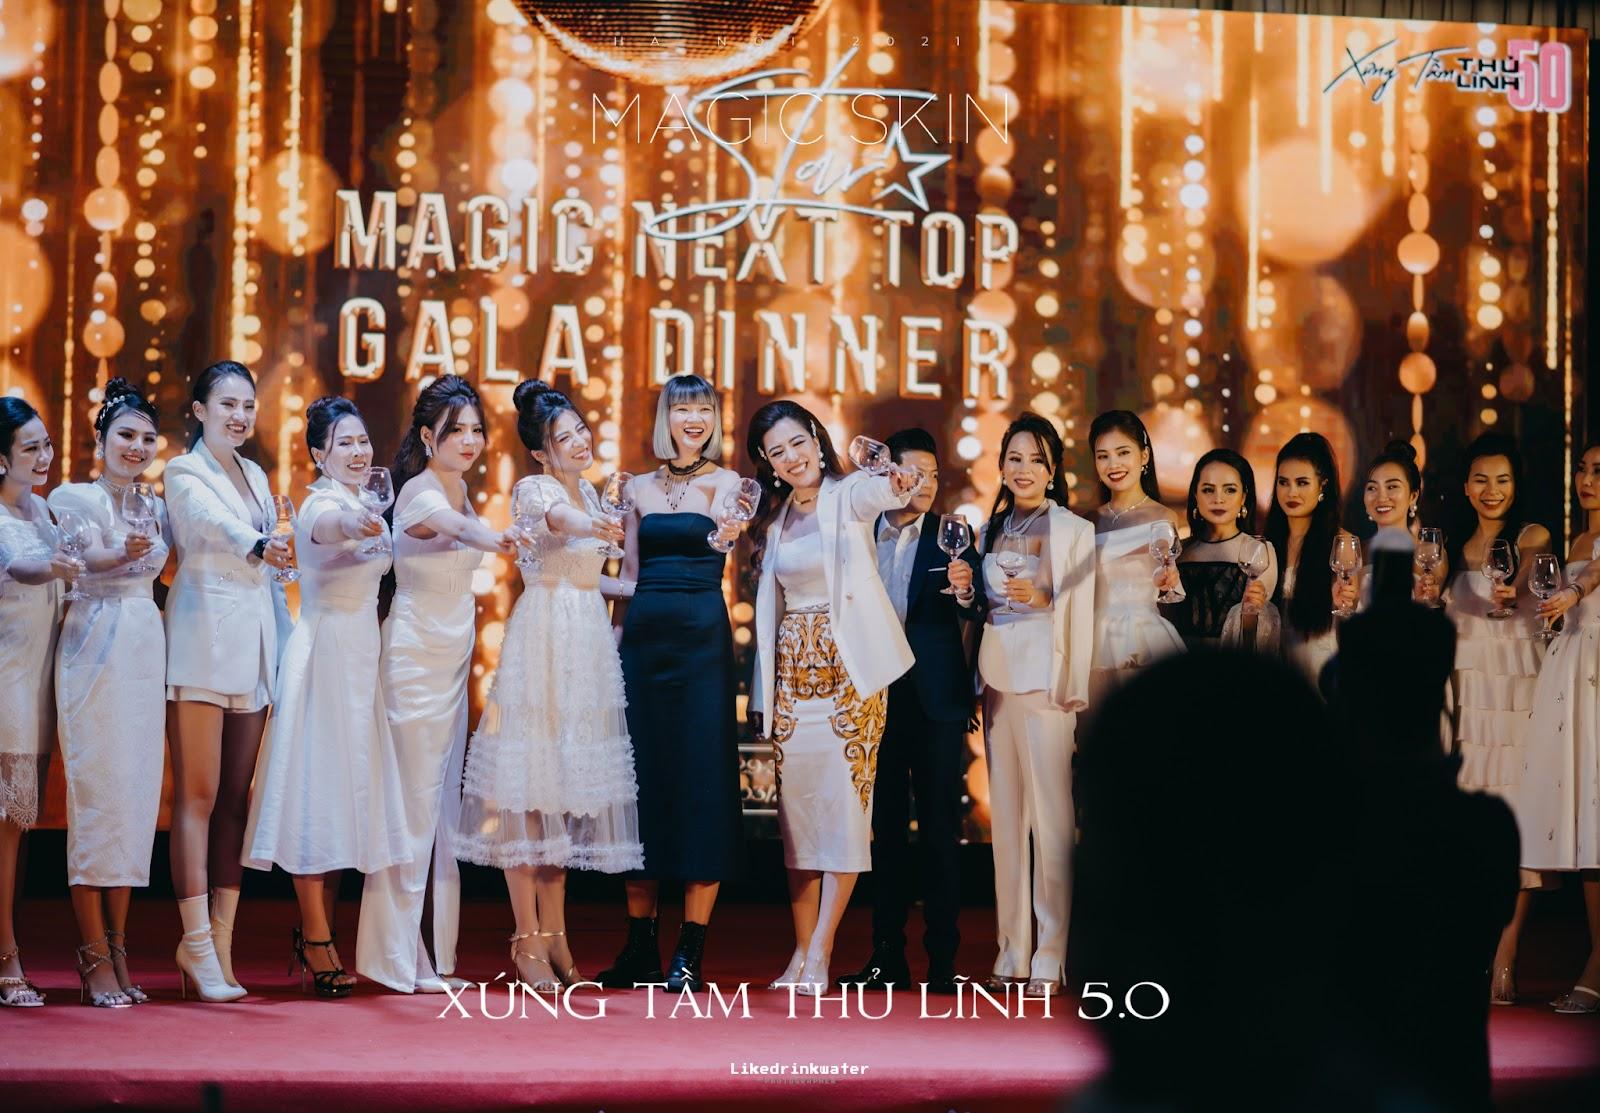 Trở thành thủ lĩnh xứng tầm cùng nữ diễn giả trẻ tuổi Đào Minh Châu trong khóa đào tạo đẳng cấp Xứng tầm thủ lĩnh 5.0 - Ảnh 11